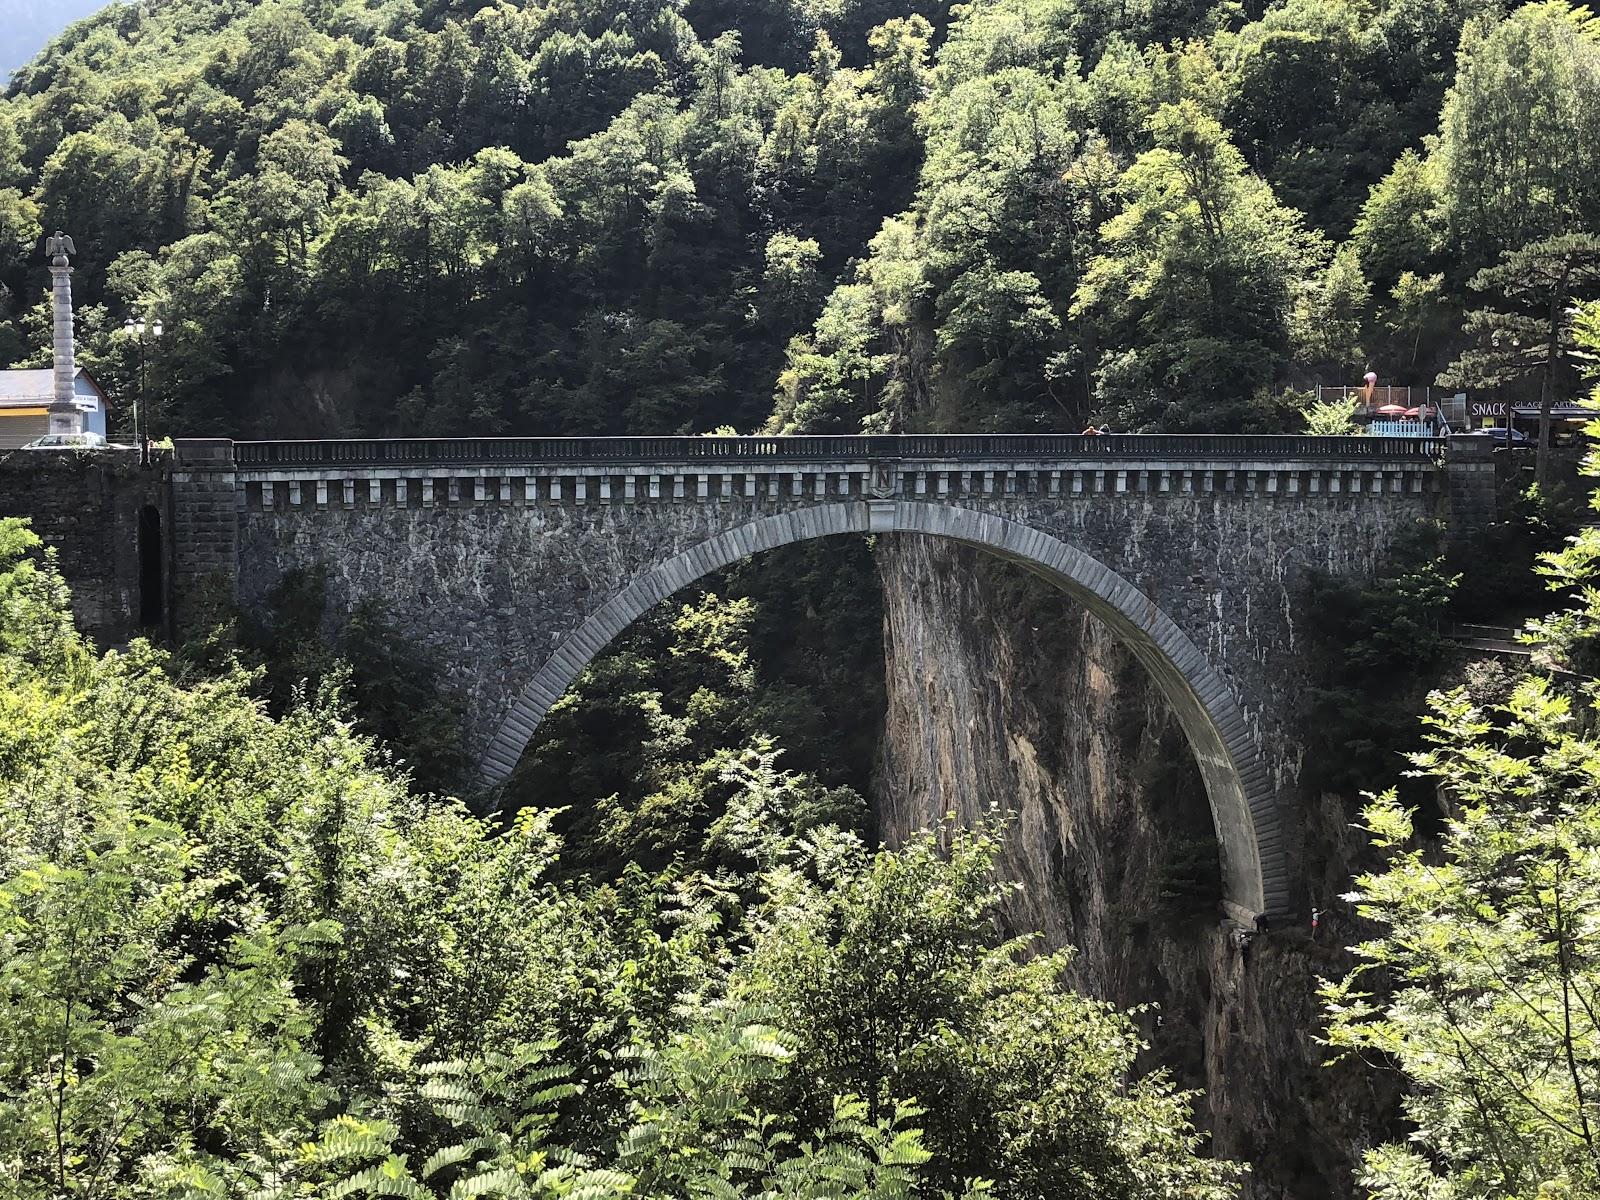 Cycling Tourmalet - Pont Napoléon Saut à l'élastique